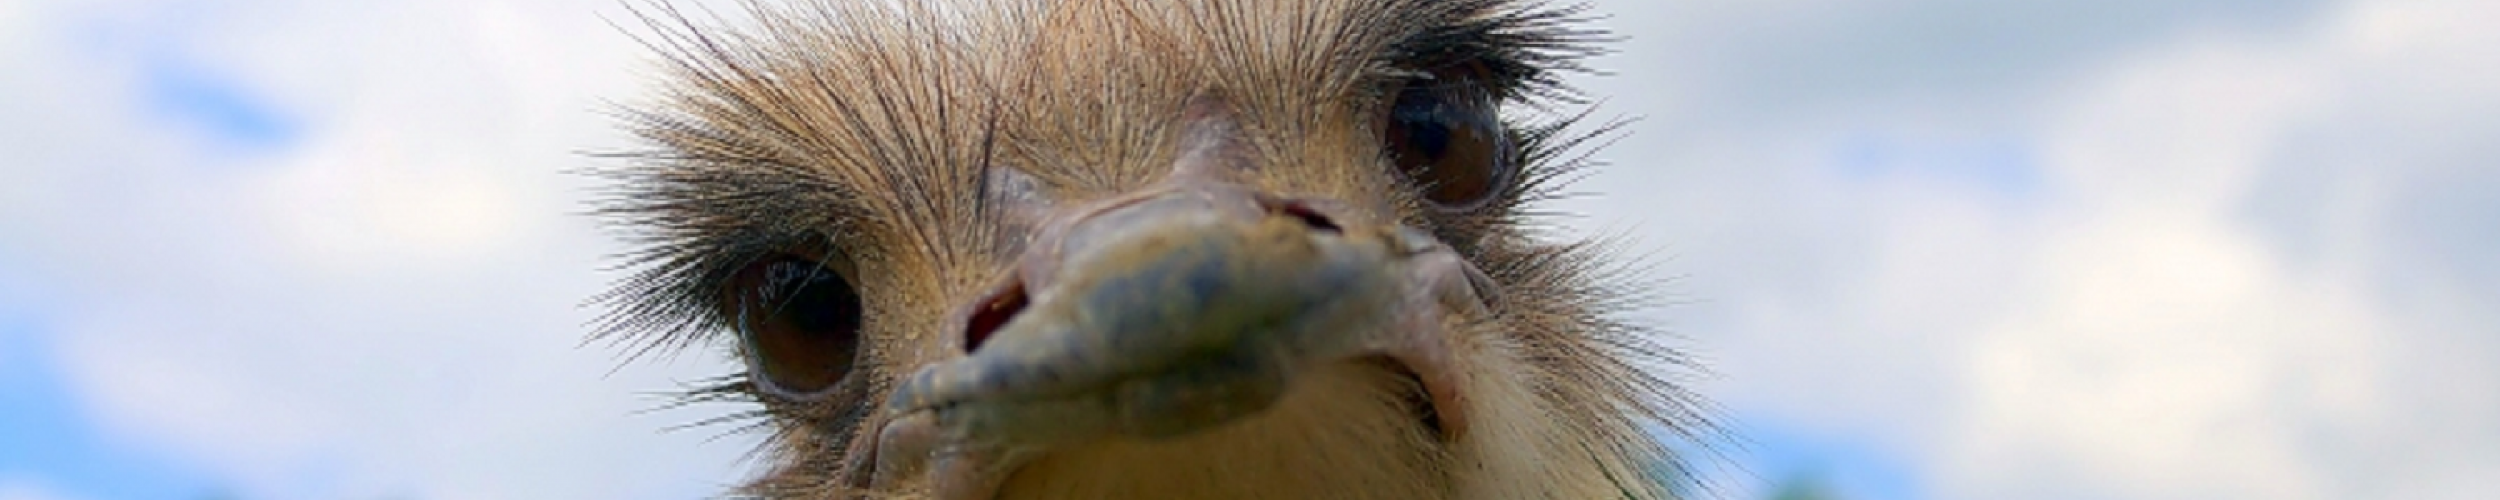 Struisvogelboerderij 'Schobbejaks Hoogte'